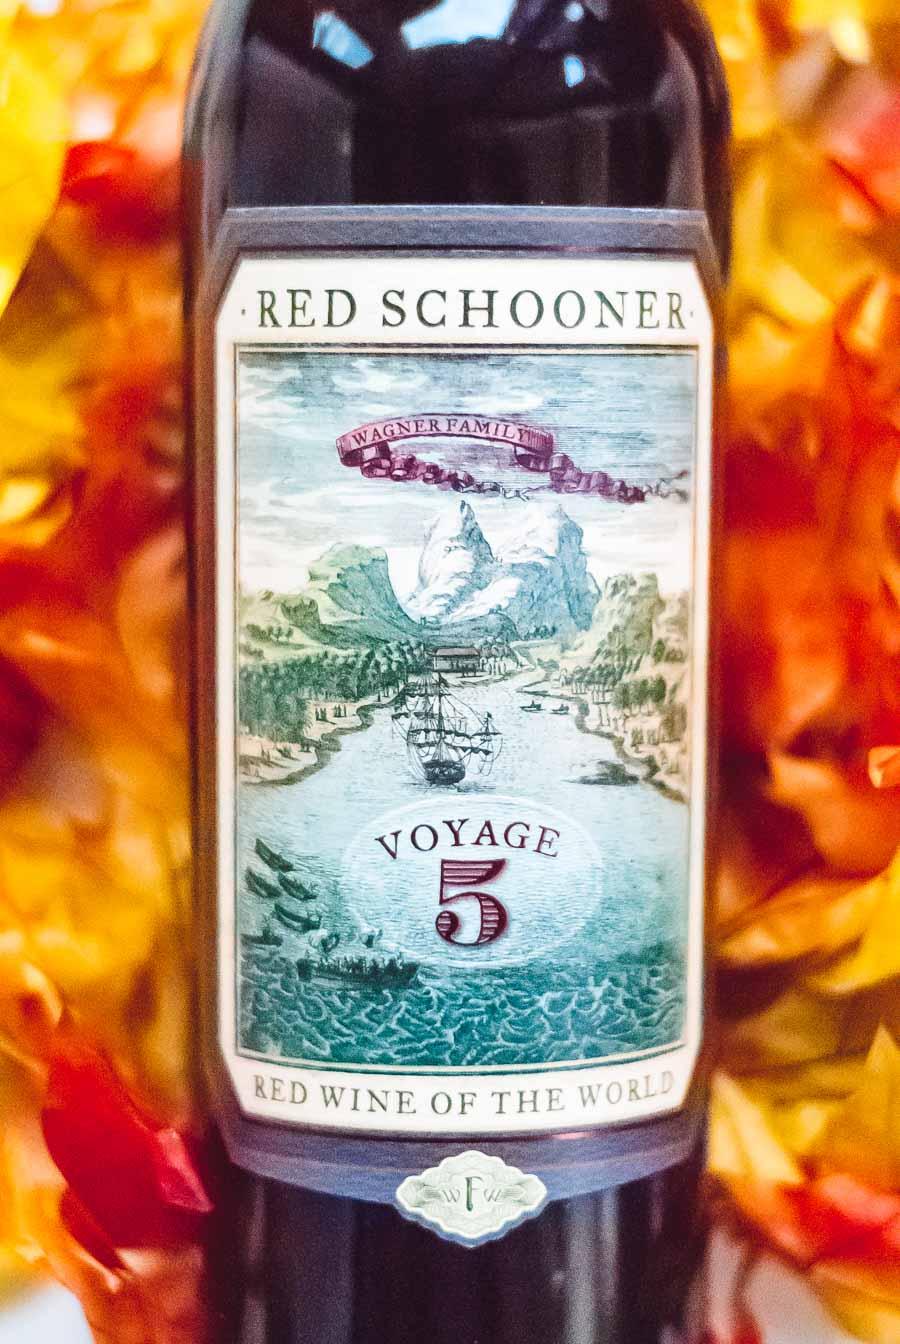 Close-up image of a Red Schooner wine bottle label.